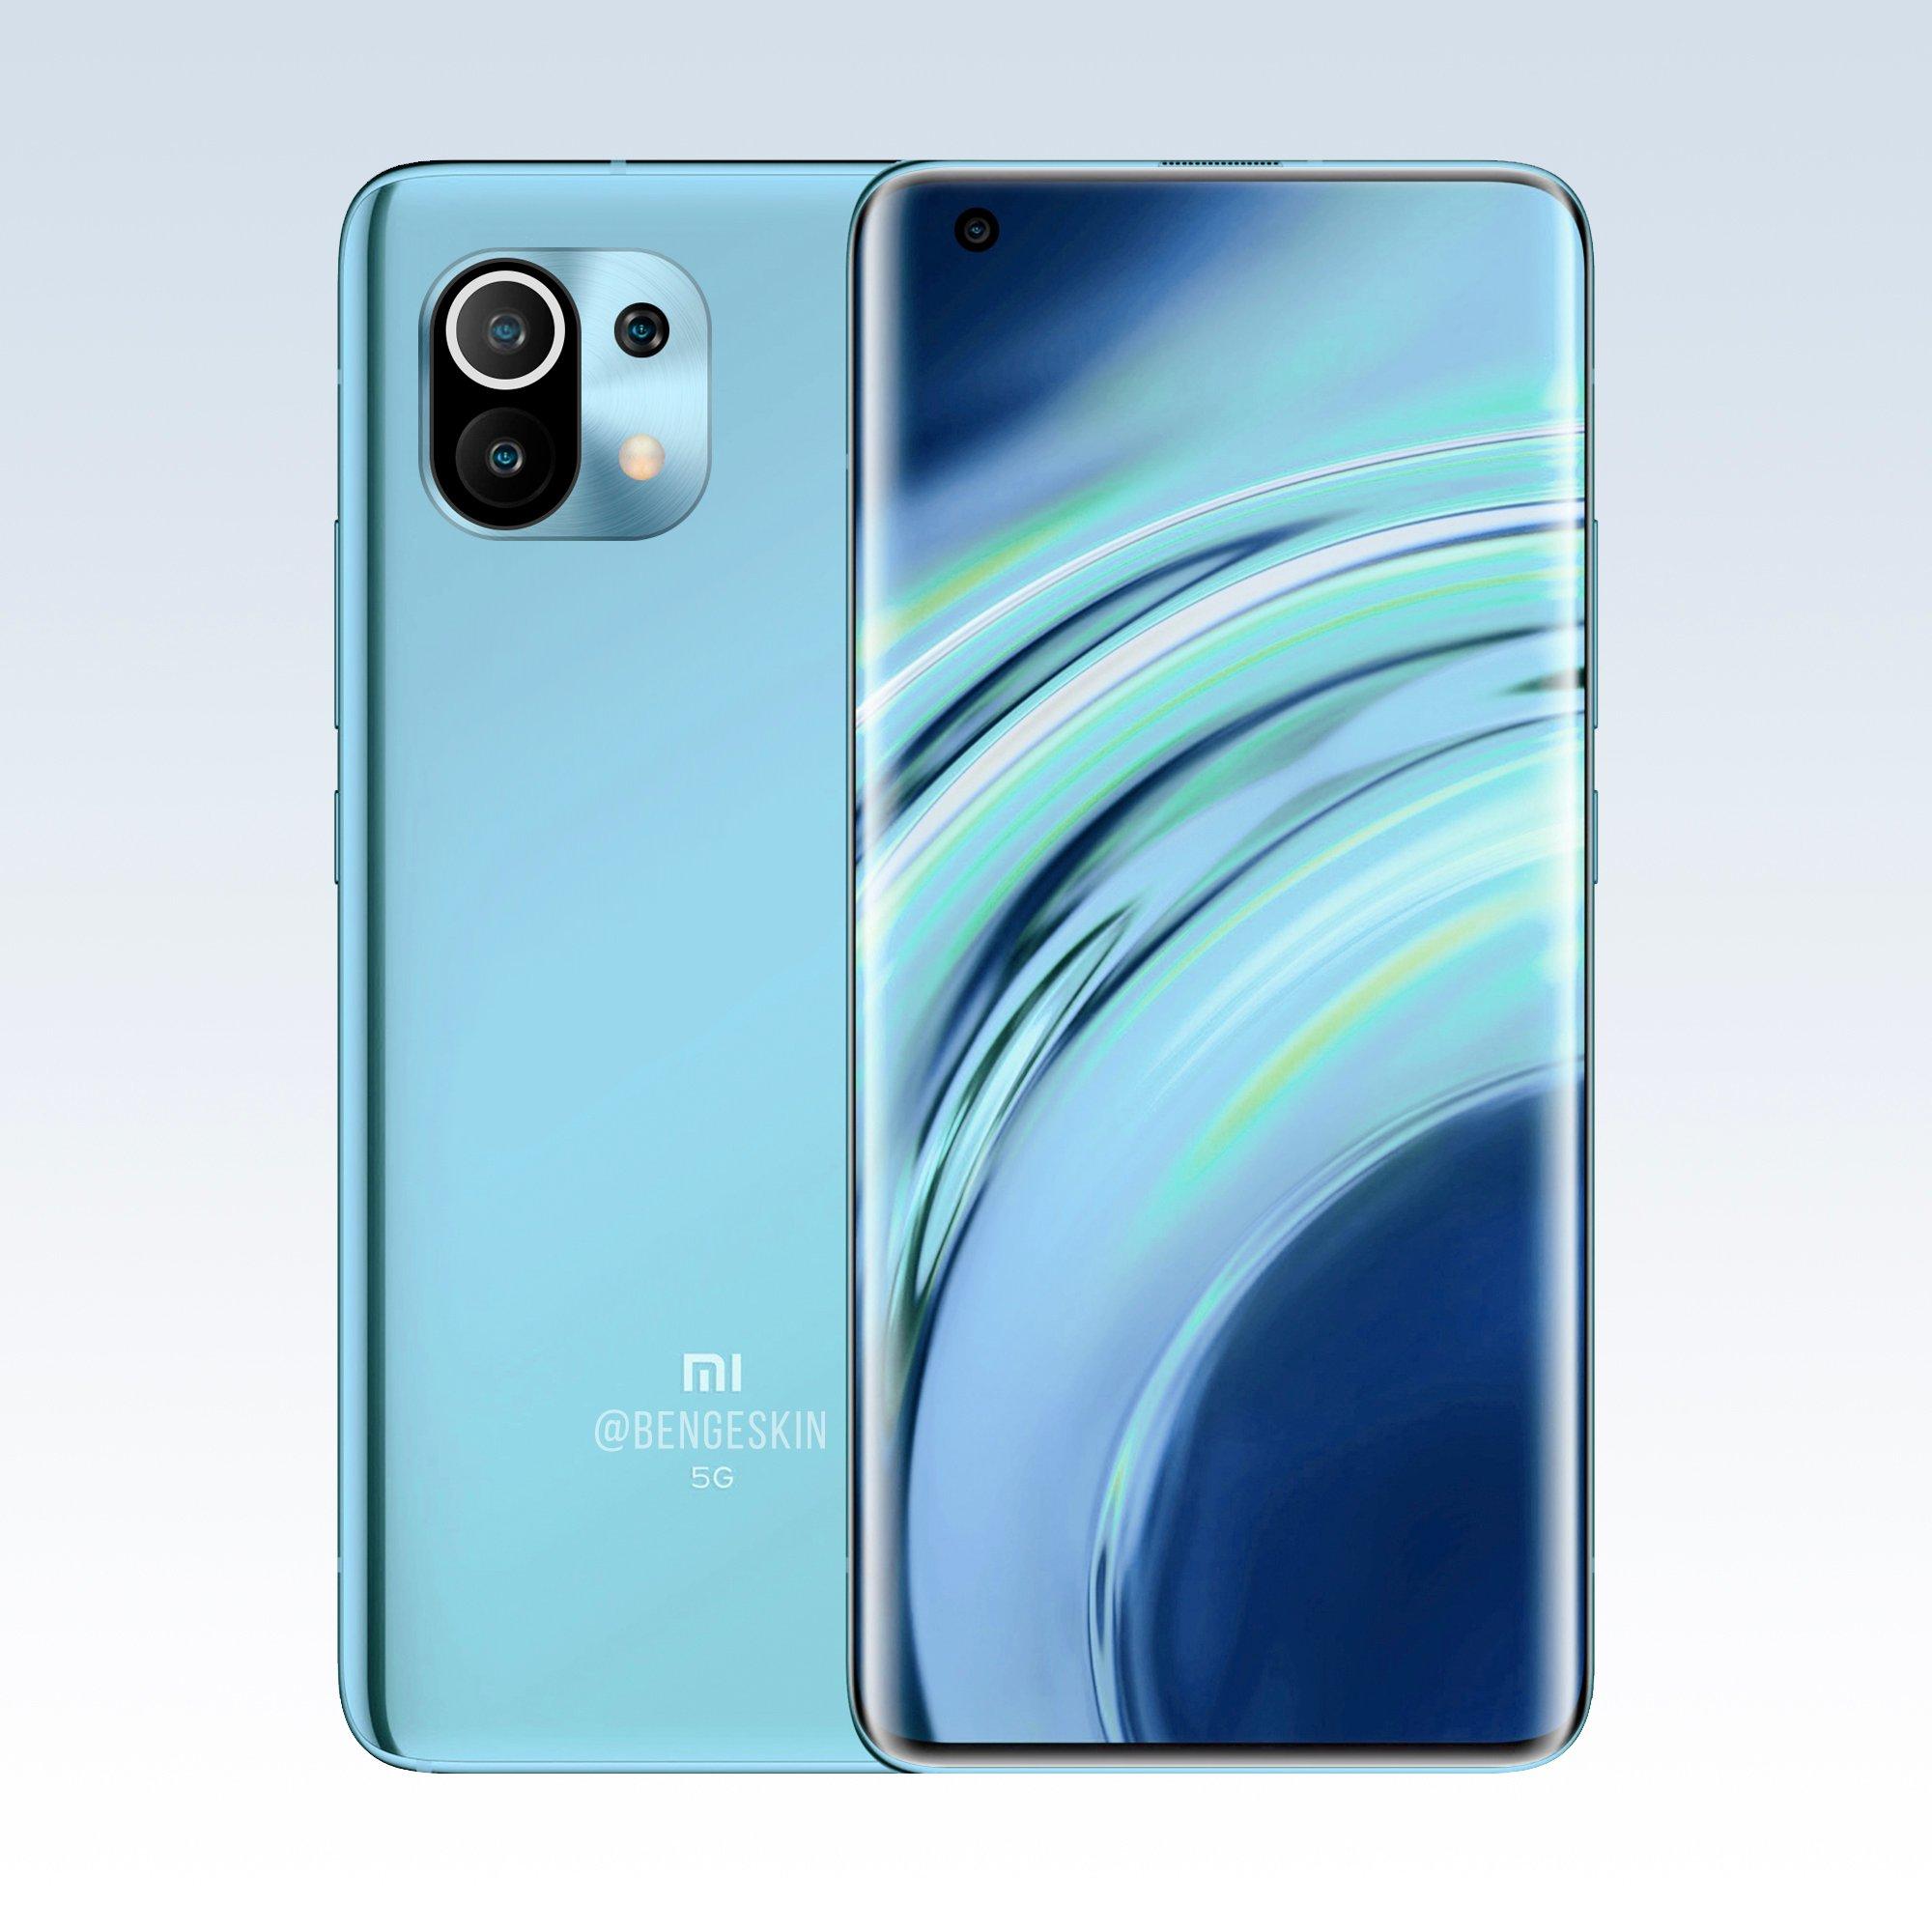 Xiaomi announced Mi 11 launch date